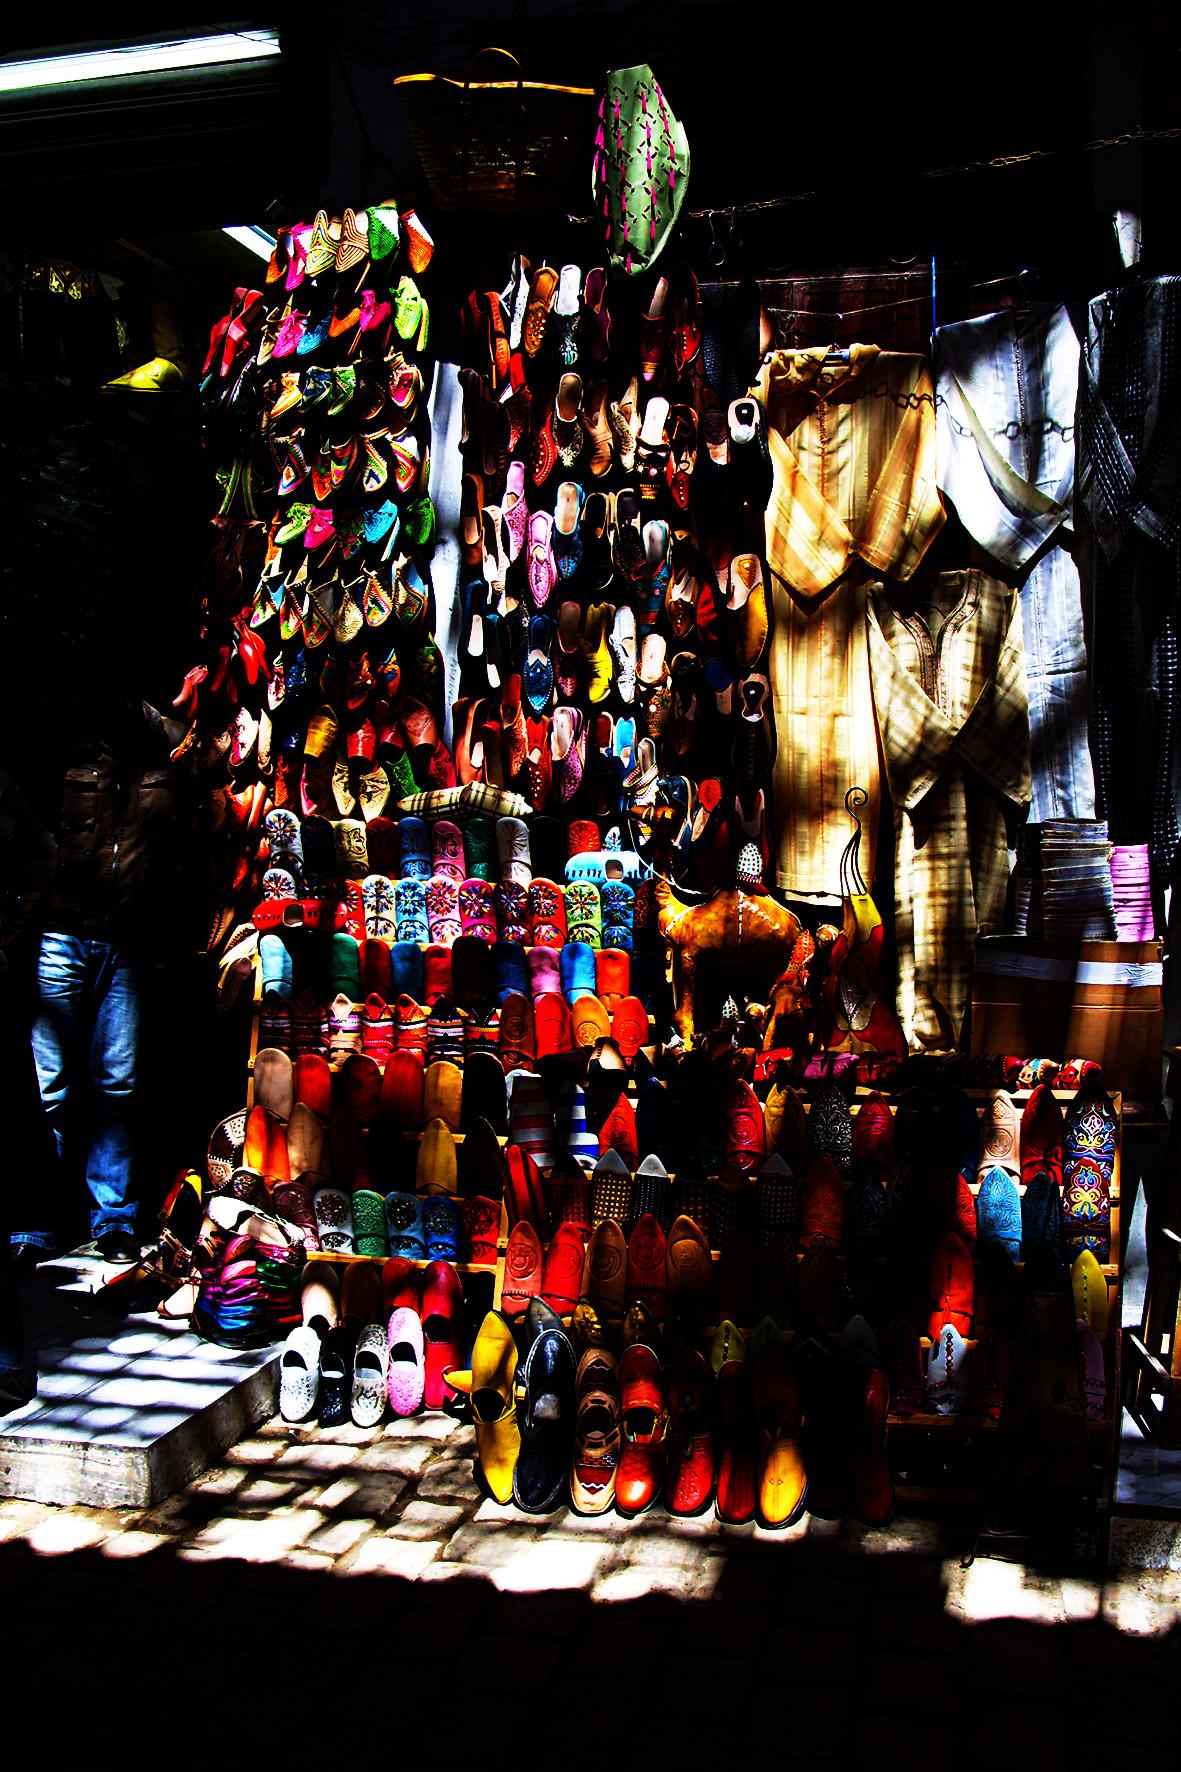 #Afrique 7. Maroc, Meknès. 2008